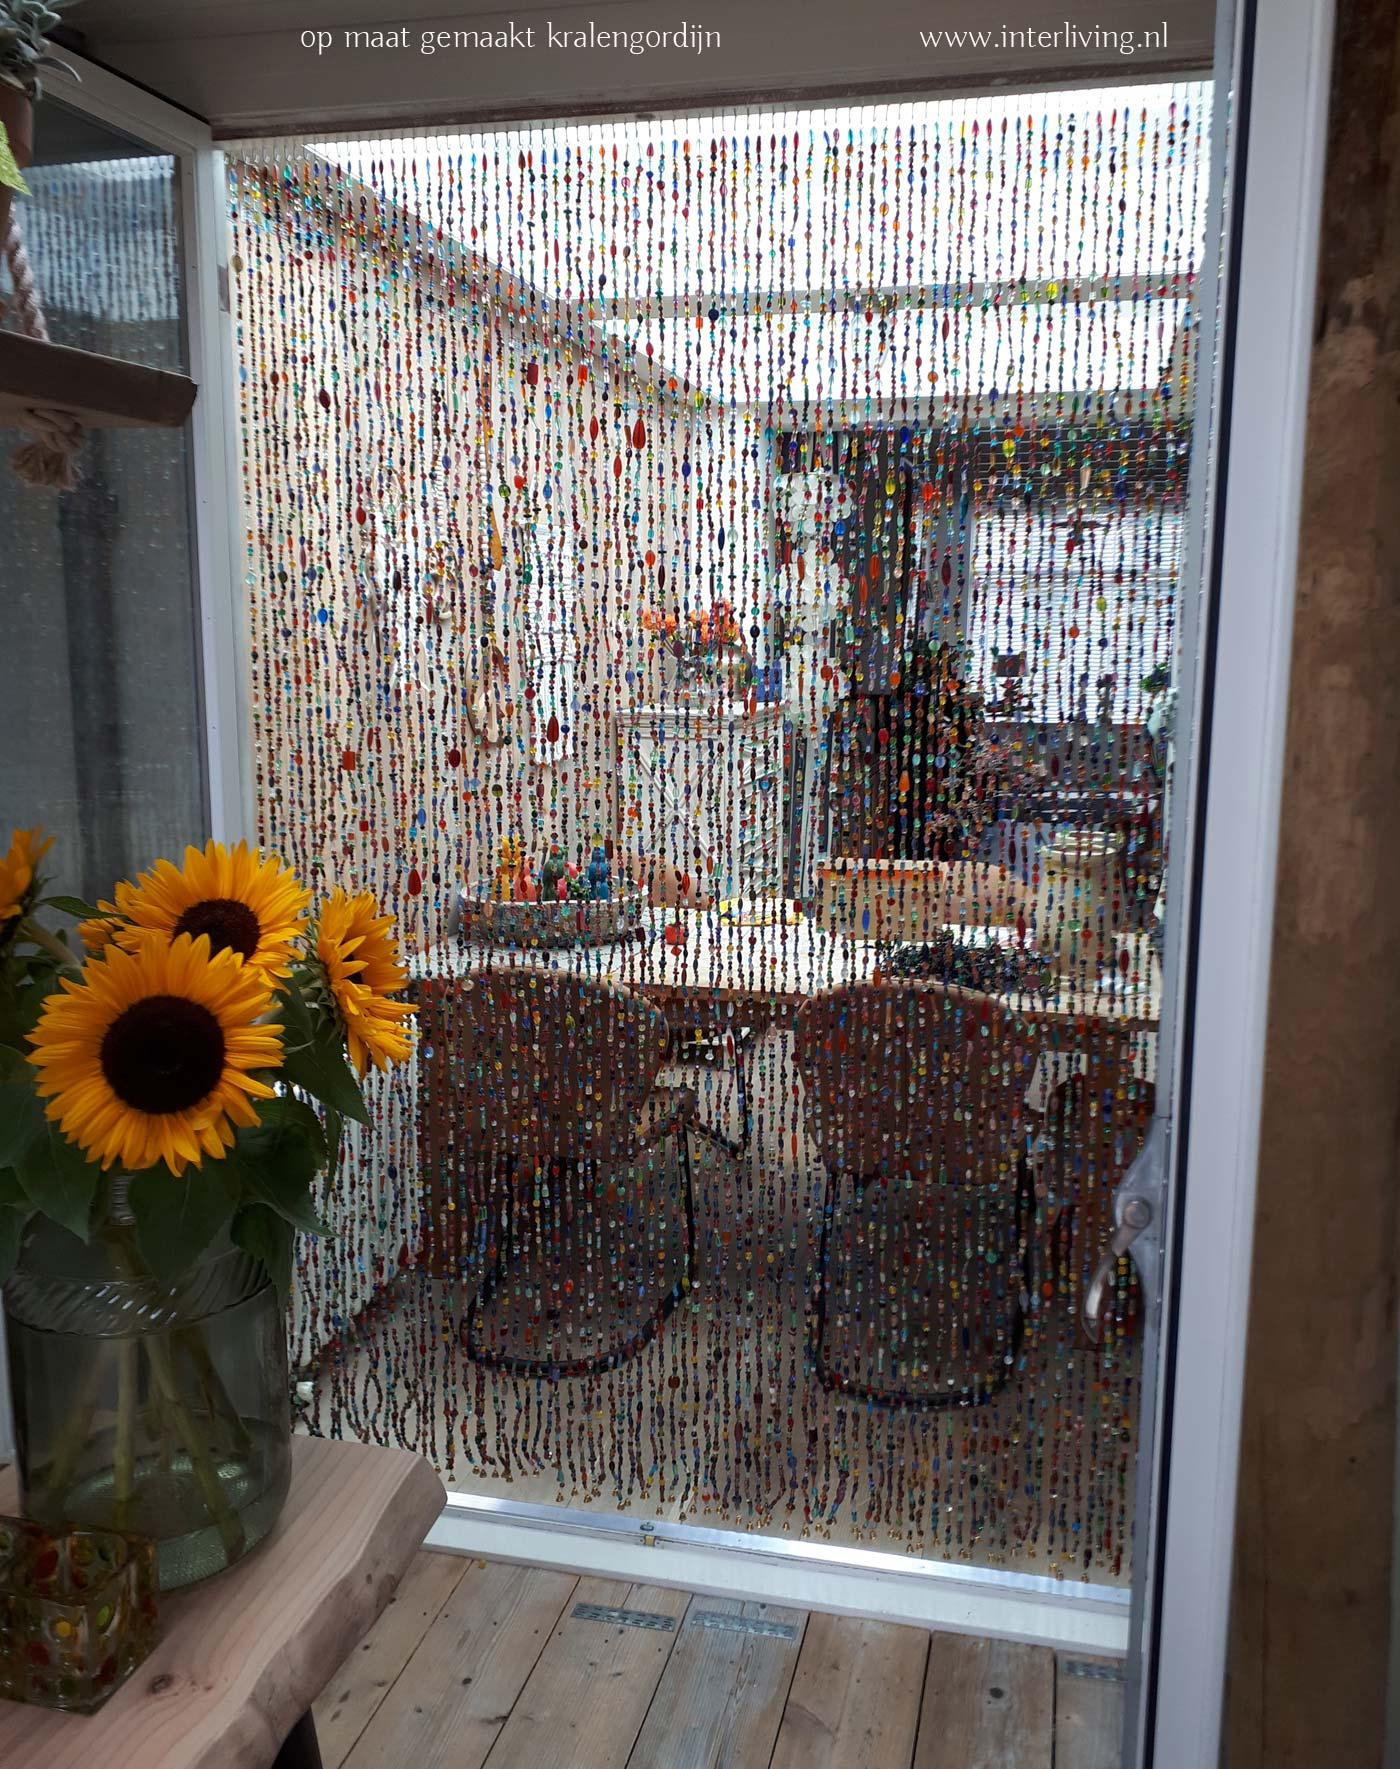 kleurrijk glaskralengordijn